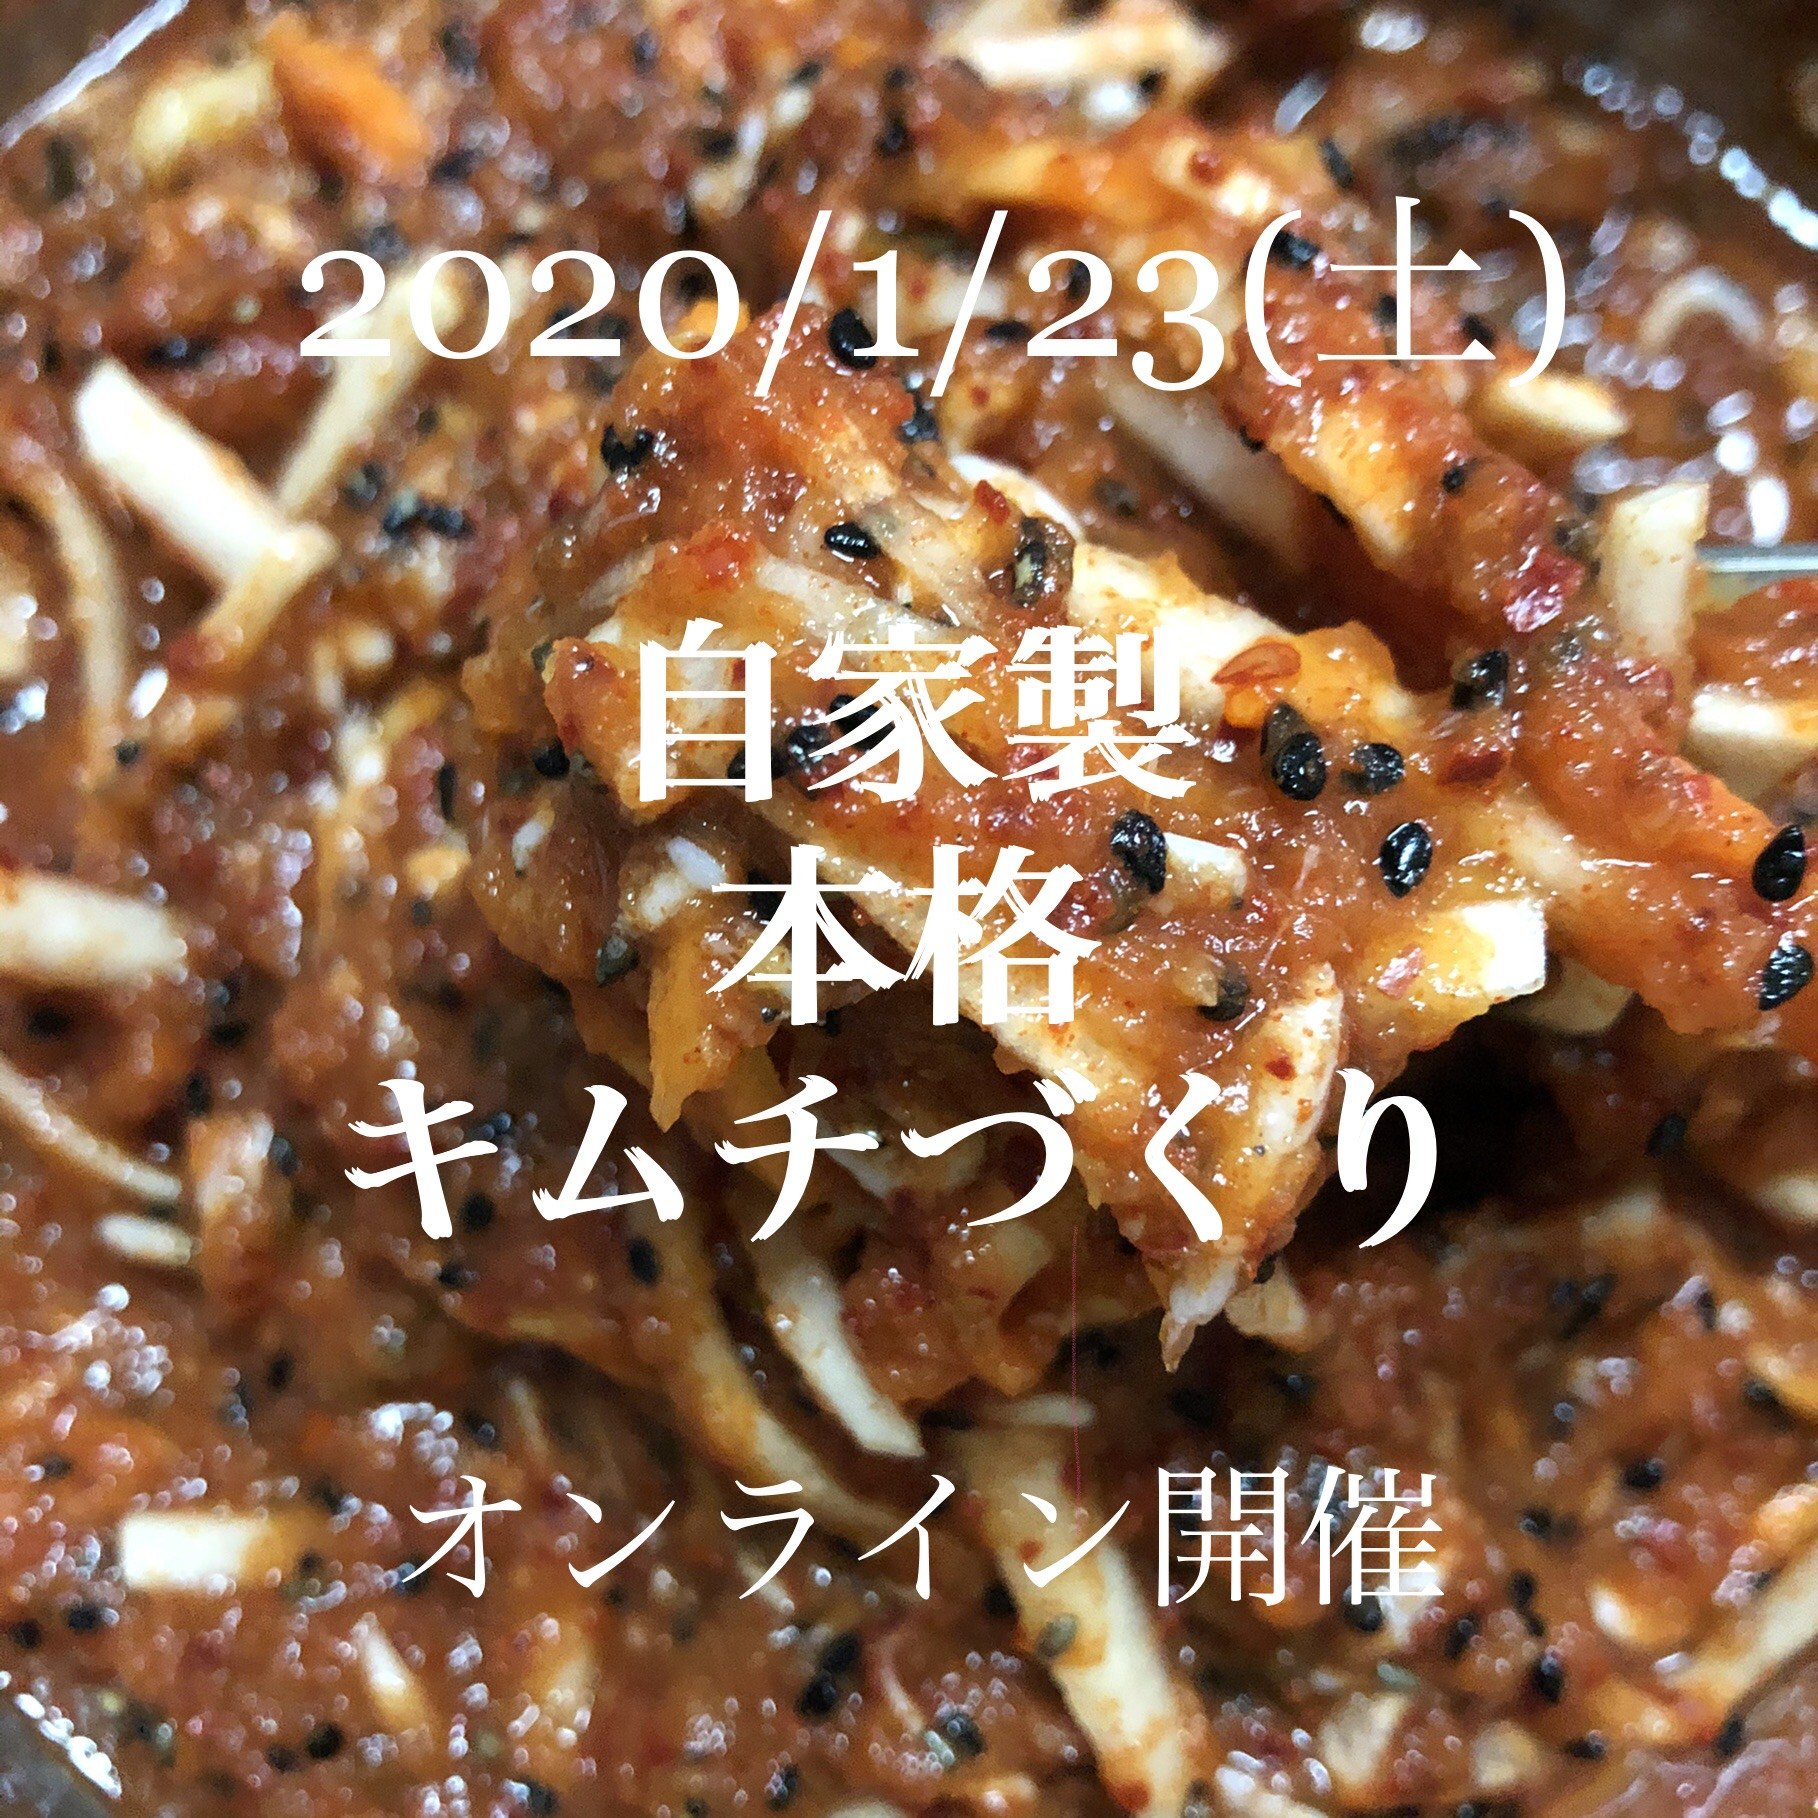 【オンライン】自家製本格キムチづくりの会(白菜1玉分手づくりキット付)のイメージその1